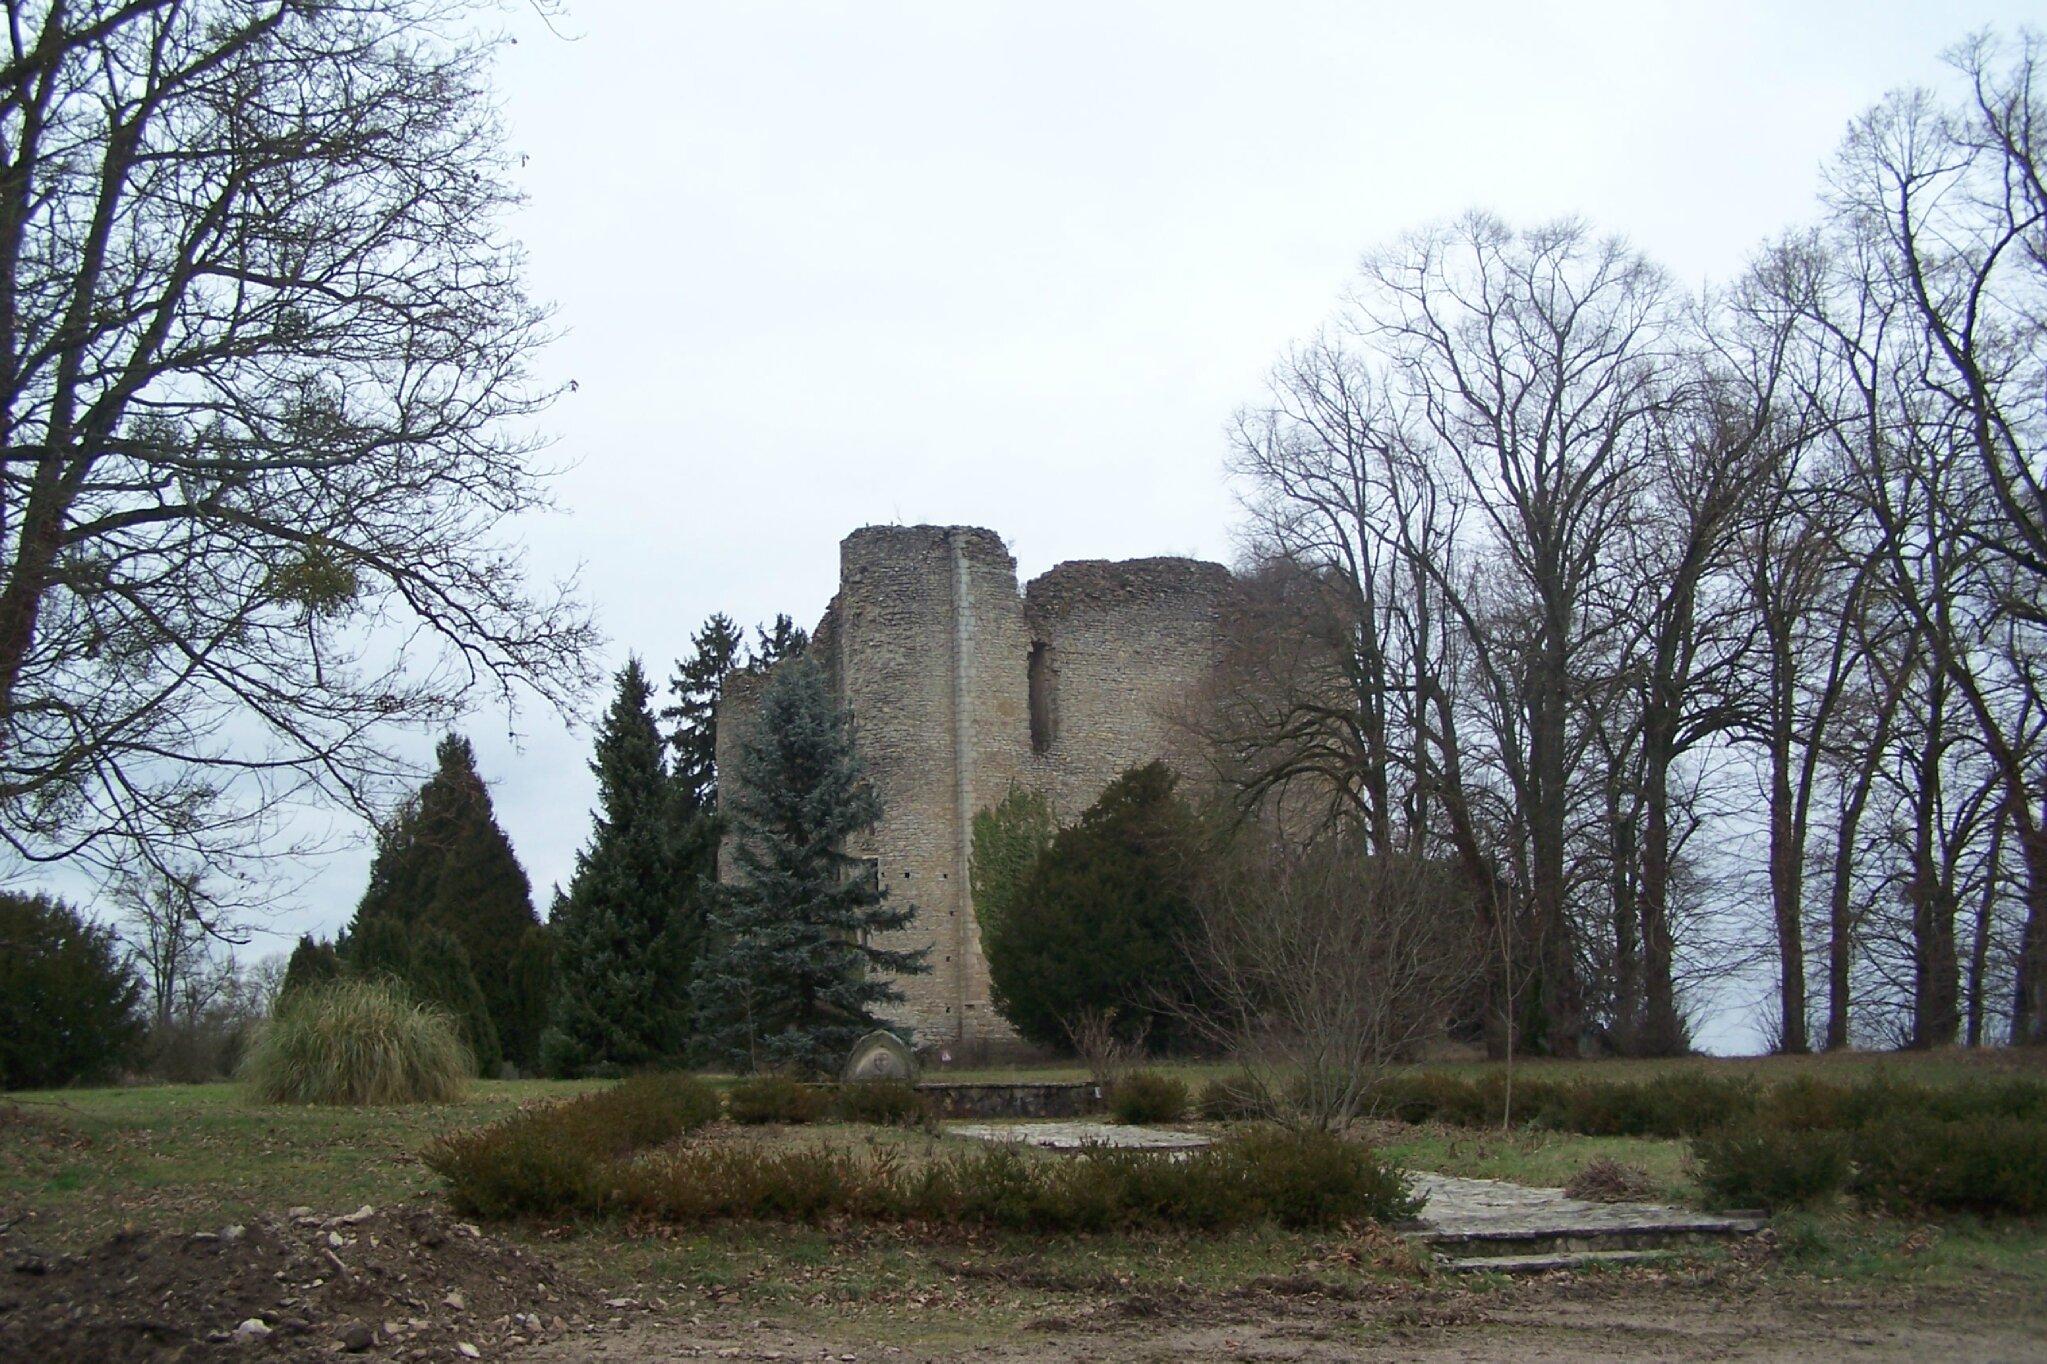 Chateau de Jouy